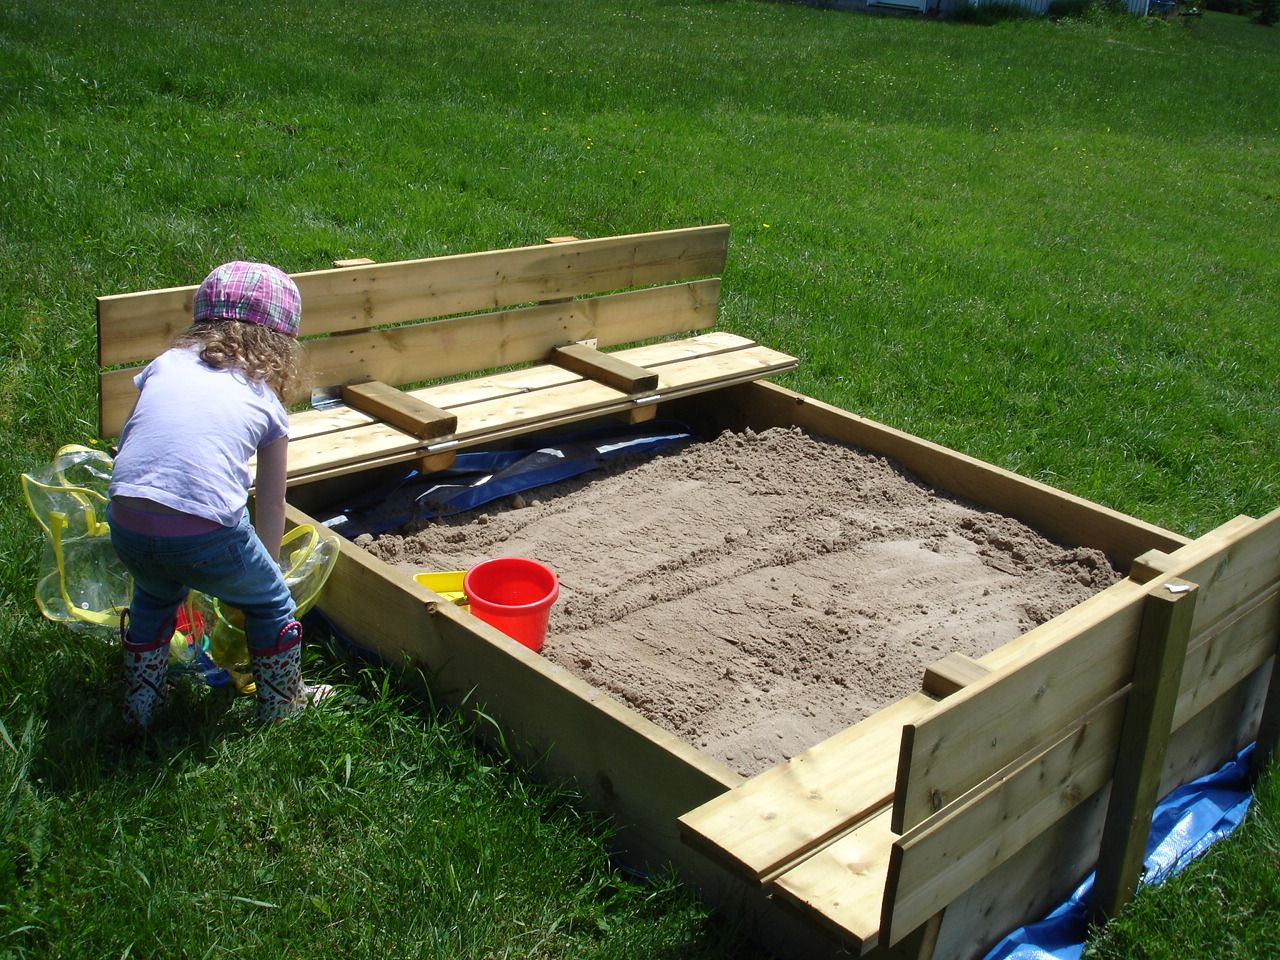 Как сделать красочную детскую песочницу с зонтиком от солнца